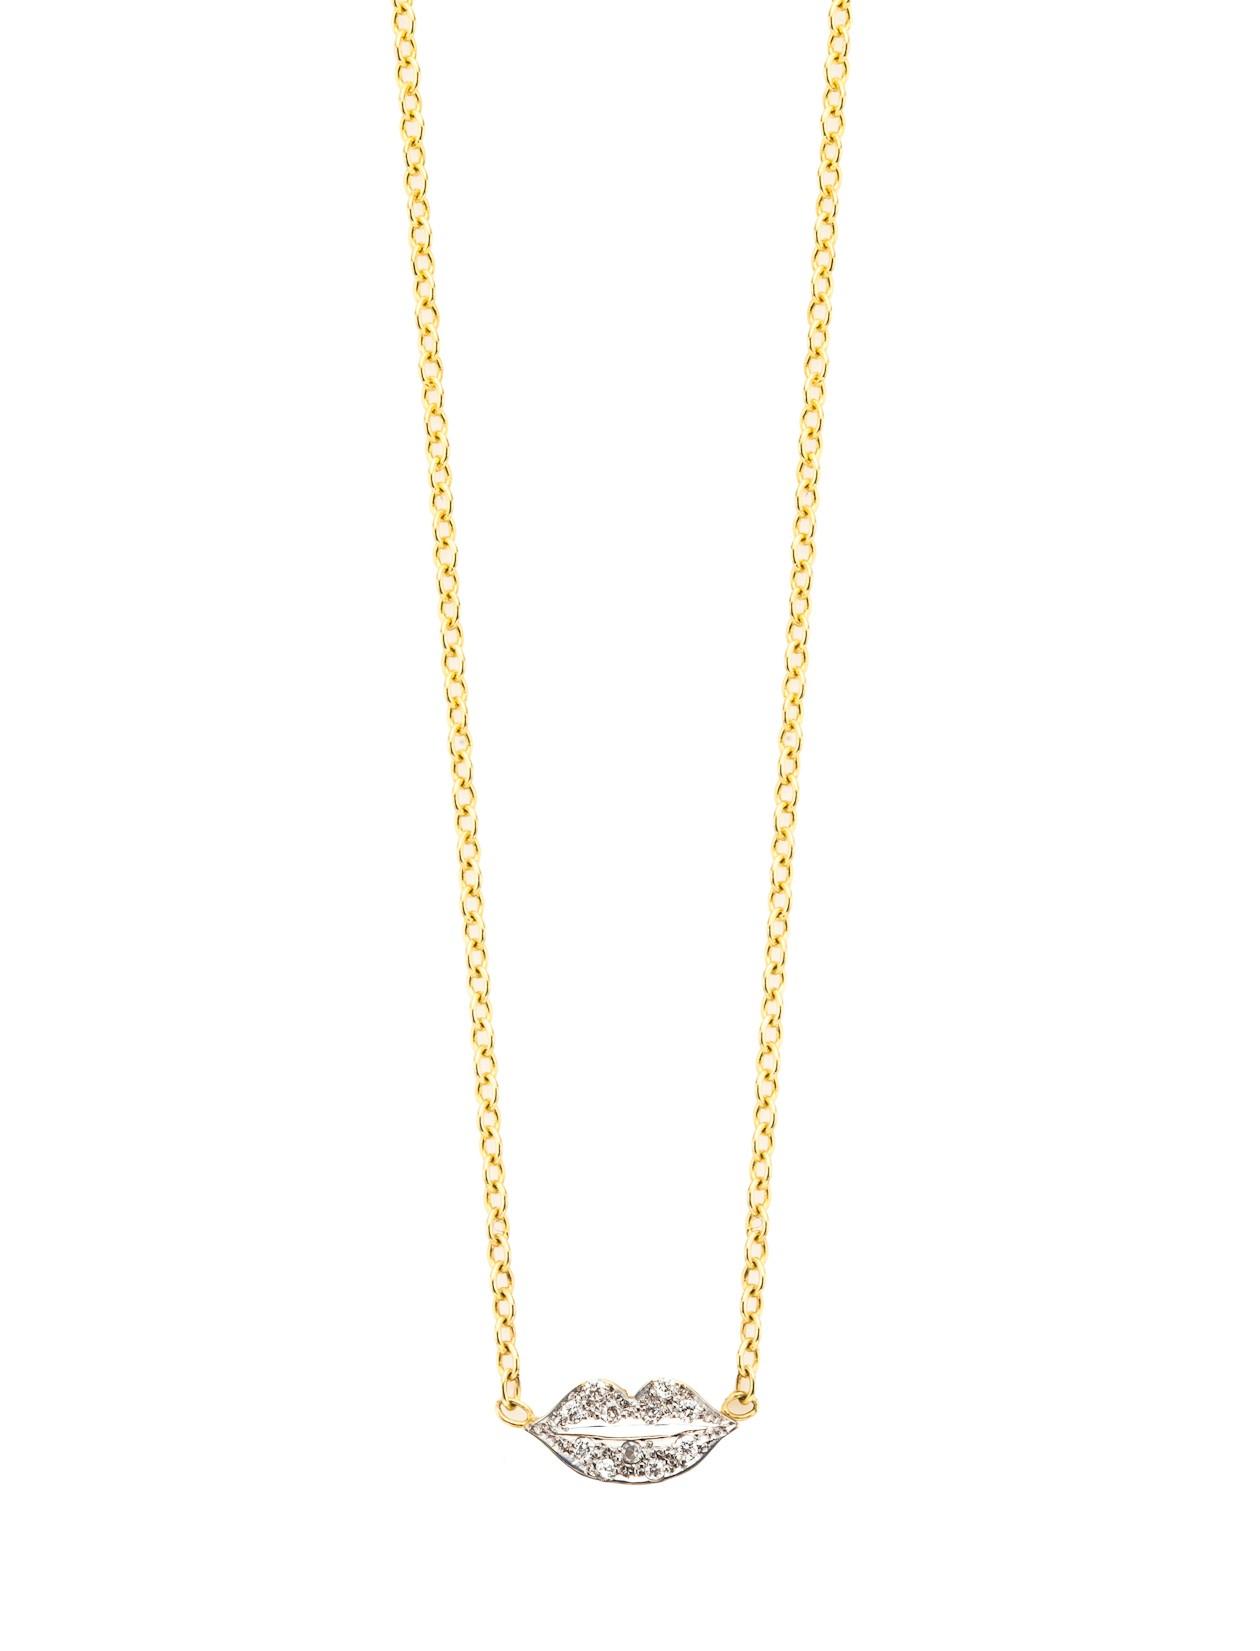 Kacey K lips necklace with  white pavediamonds, $450